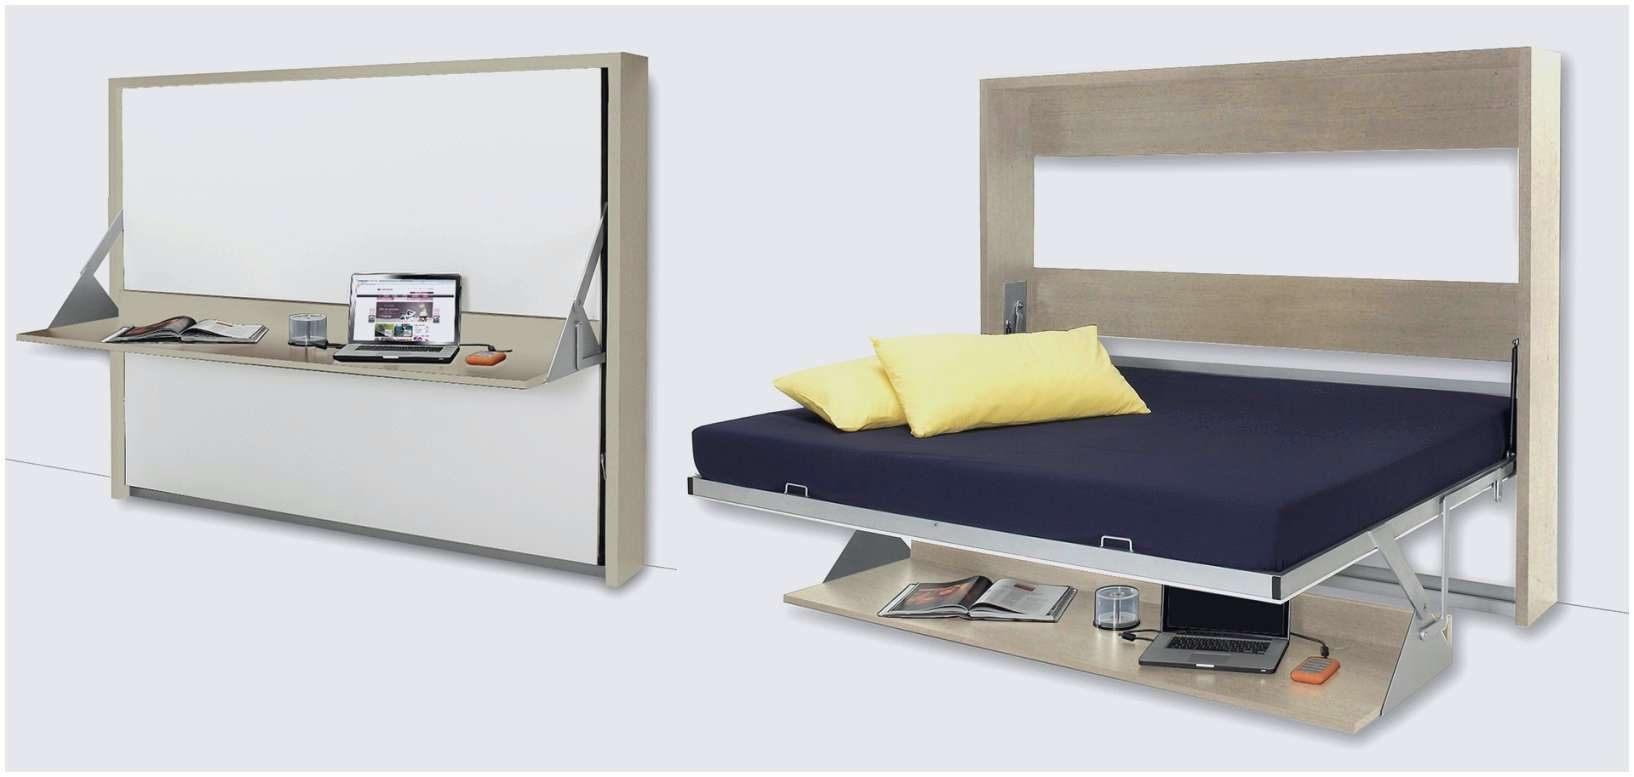 Lit Escamotable 2 Personnes Ikea Meilleur De Lit Rabattable 2 Personnes